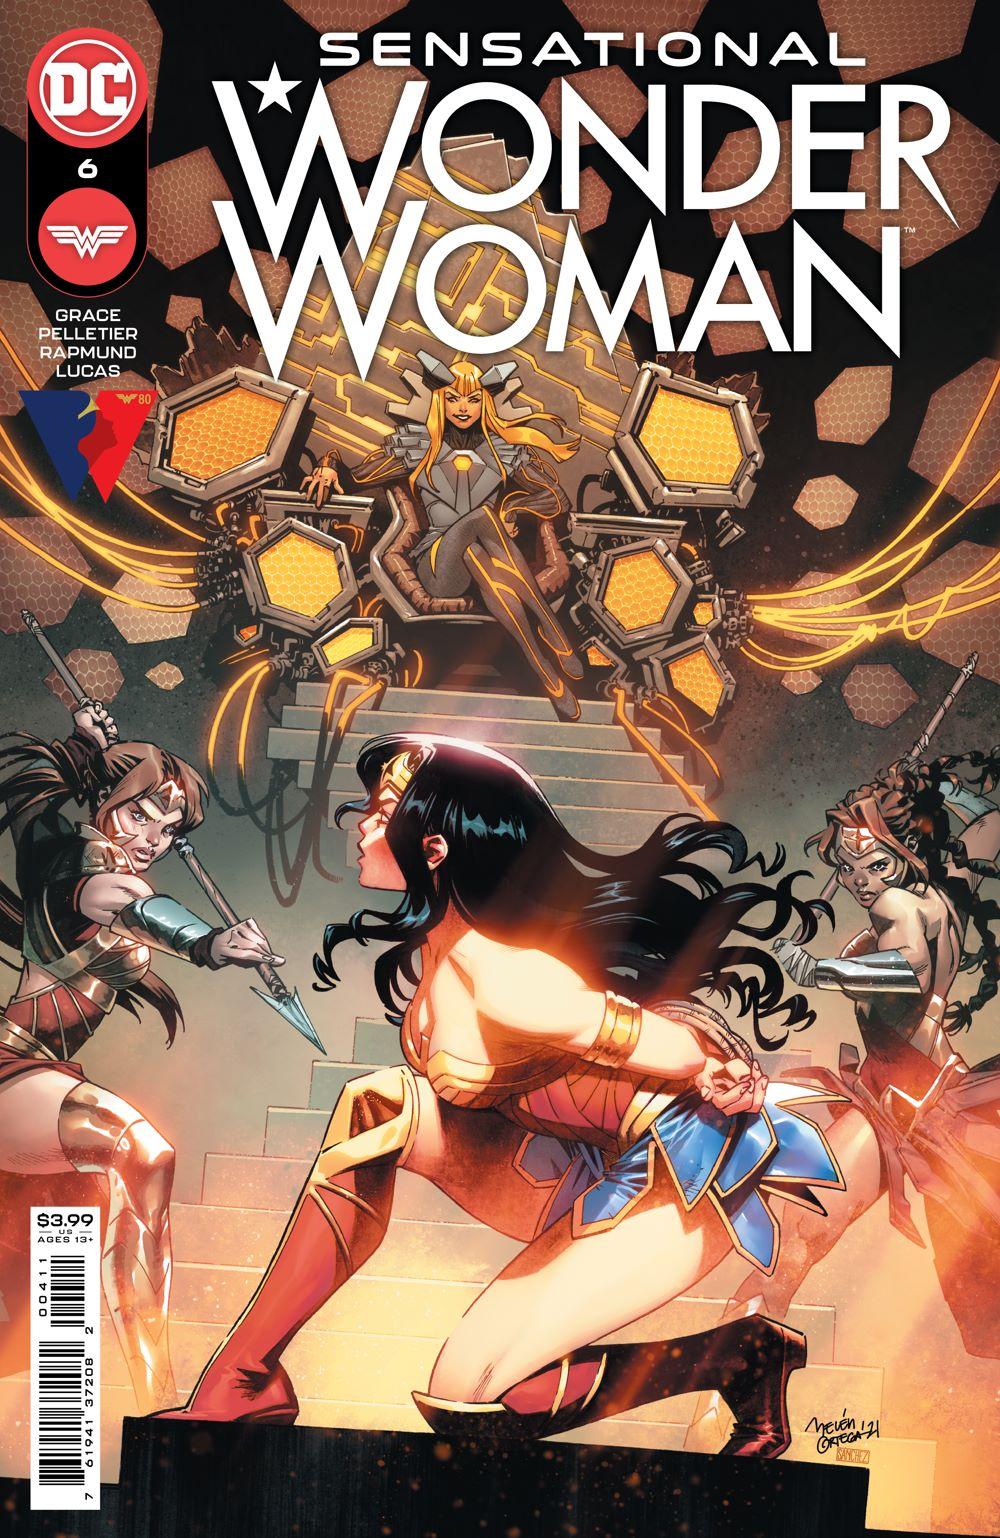 SWW_Cv6 DC Comics August 2021 Solicitations